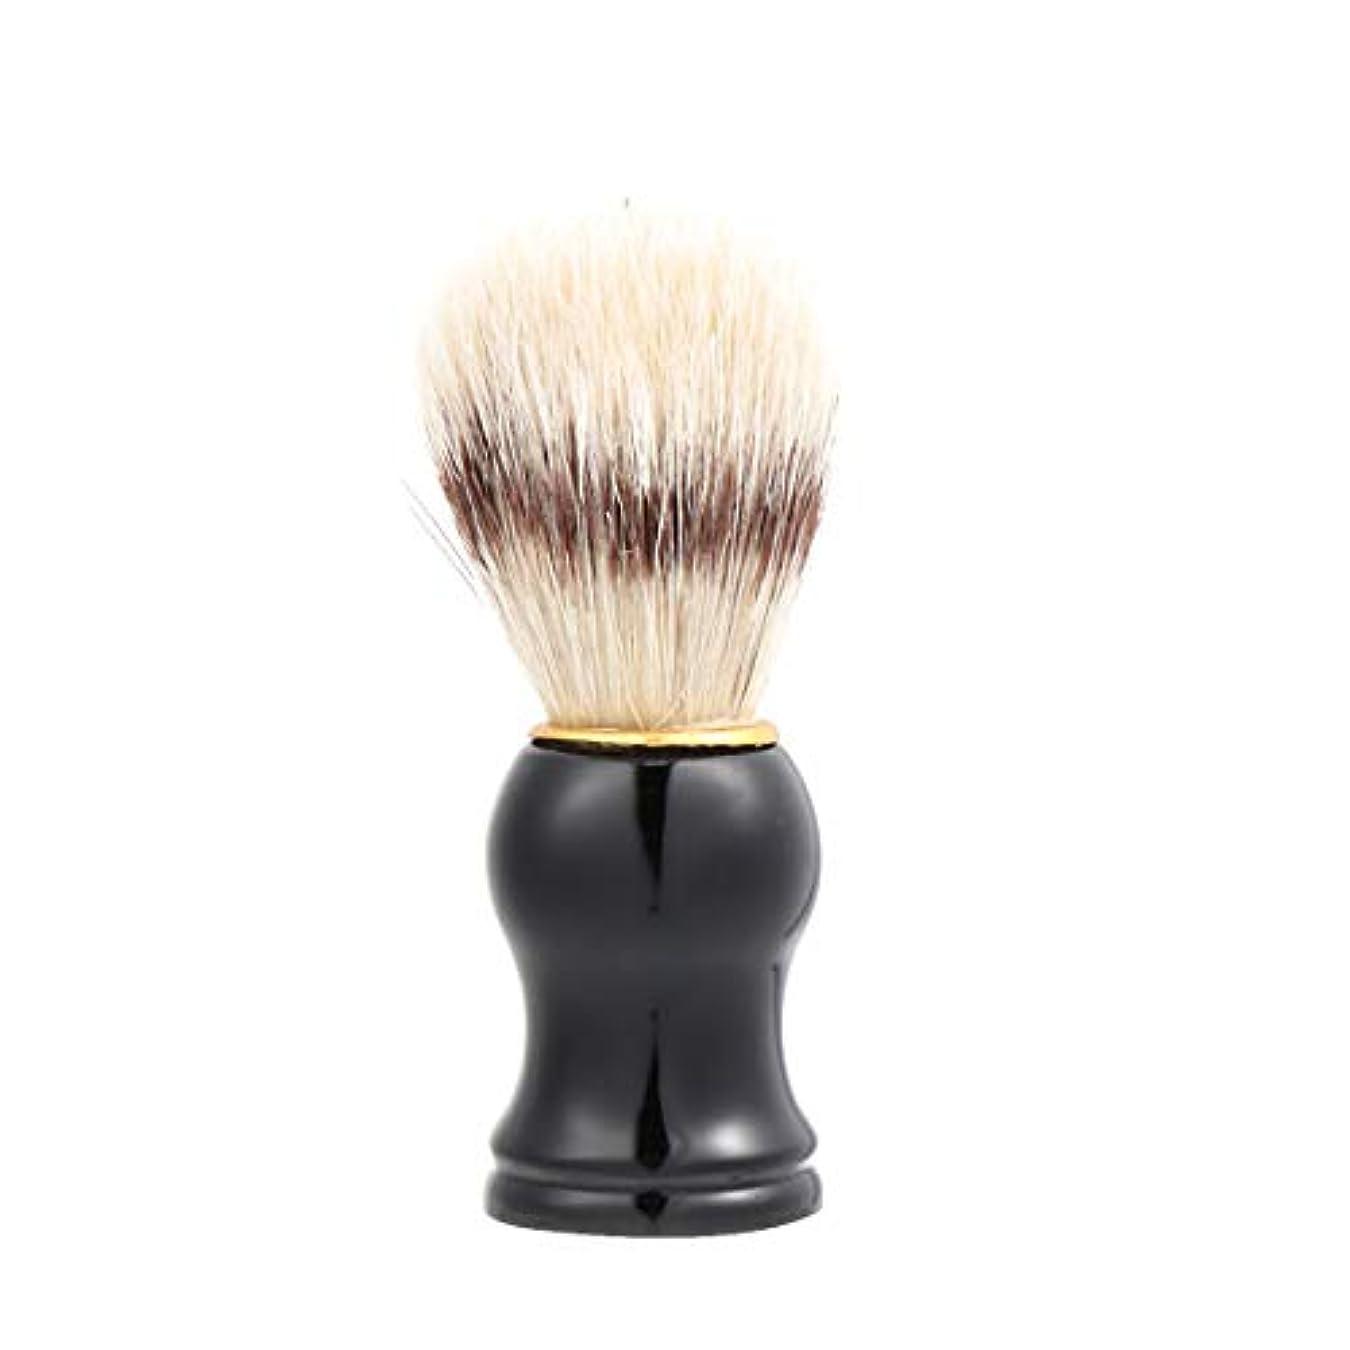 パレード貫通マザーランドLurrose 男性の剃毛ブラシ 毛髭ひげ 剃毛ブラシ ソフト フェイシャルケア ヘアクレンジングブラシ